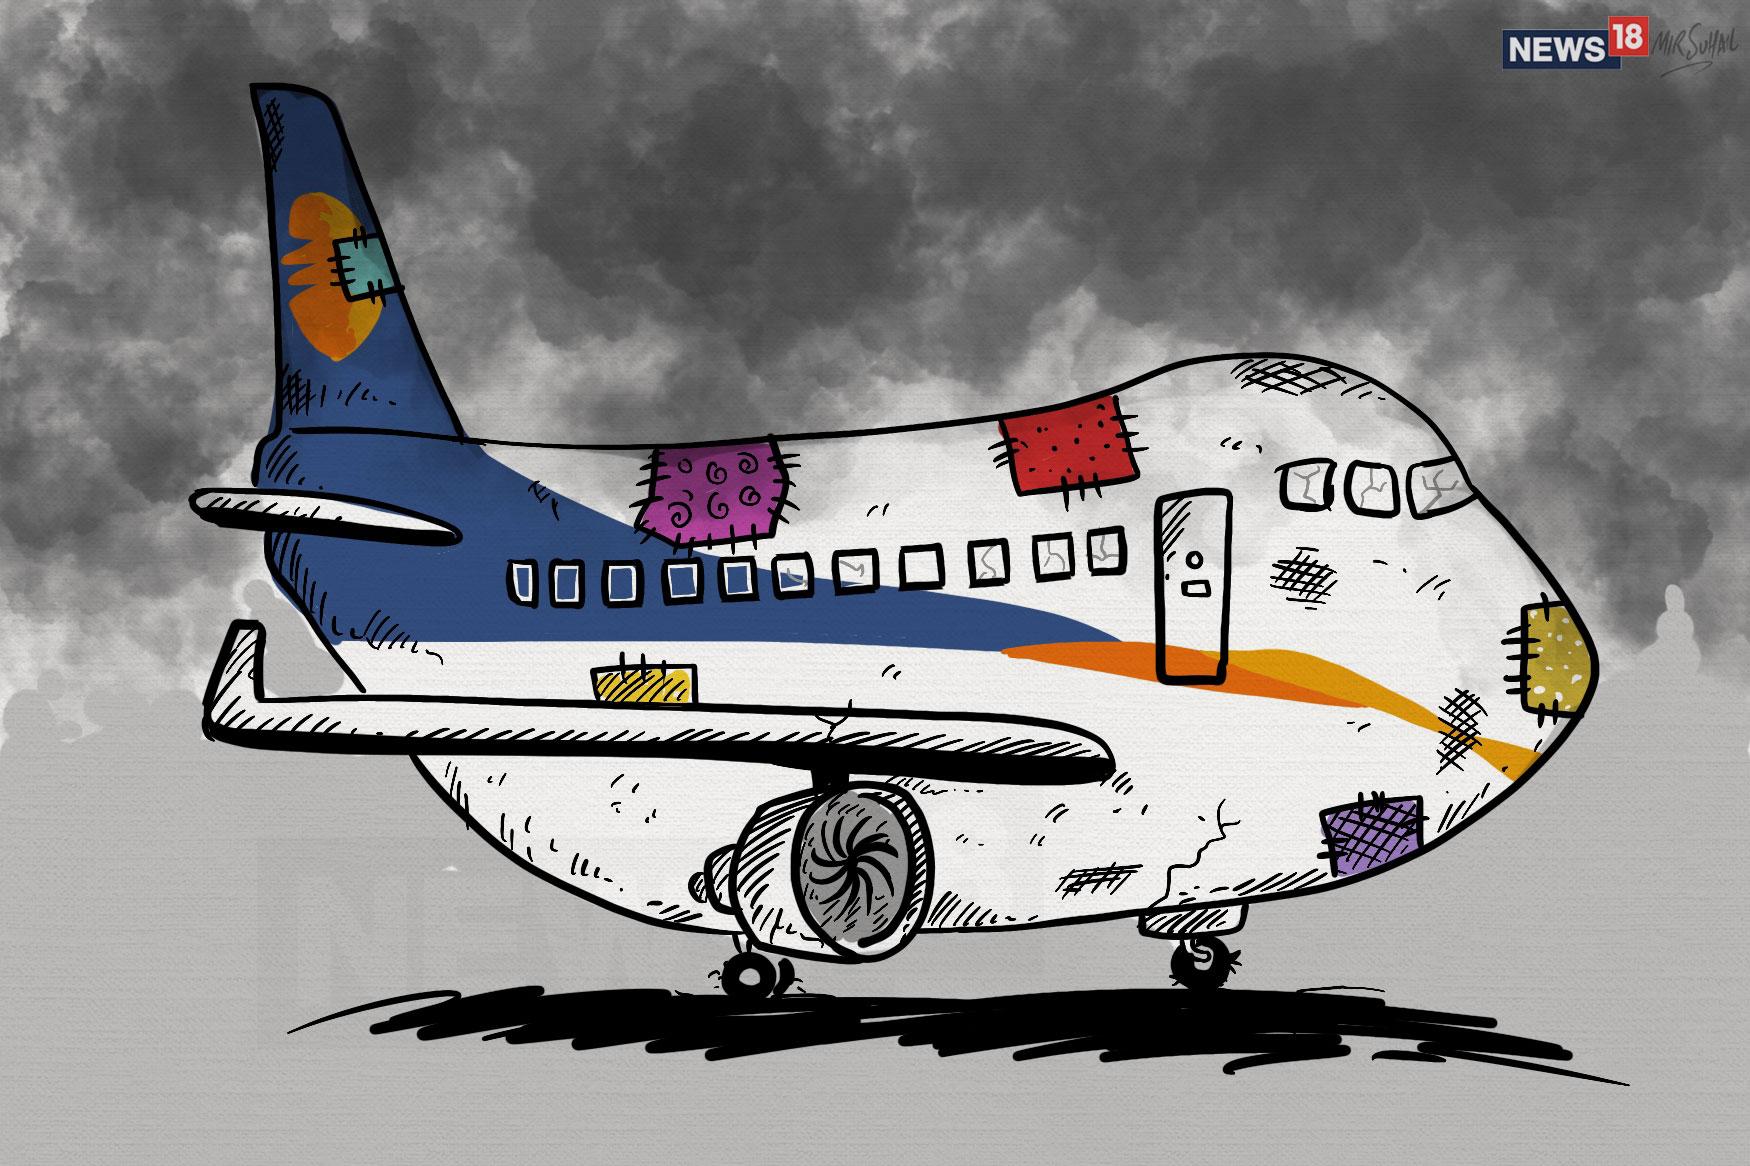 प्राइवेट एयरलाइंस जेट एयरवेज (Jet Airways) भारी नकदी संकट से जूझ रही है जिसकी वजह से जेट एयरवेज बंद होने के कगार पर पहुंच गई है. इसके स्टेकहोल्डर्स का एयरलाइन के रिवाइवल को लेकर विश्वास कम होता जा रहा है और लेंडर्स इसे और कर्ज देने से बच रहे हैं. इससे देश की इस पुरानी प्राइवेट एयरलाइन के कामकाज जारी रख पाने को लेकर अनिश्चितता बढ़ रही है.